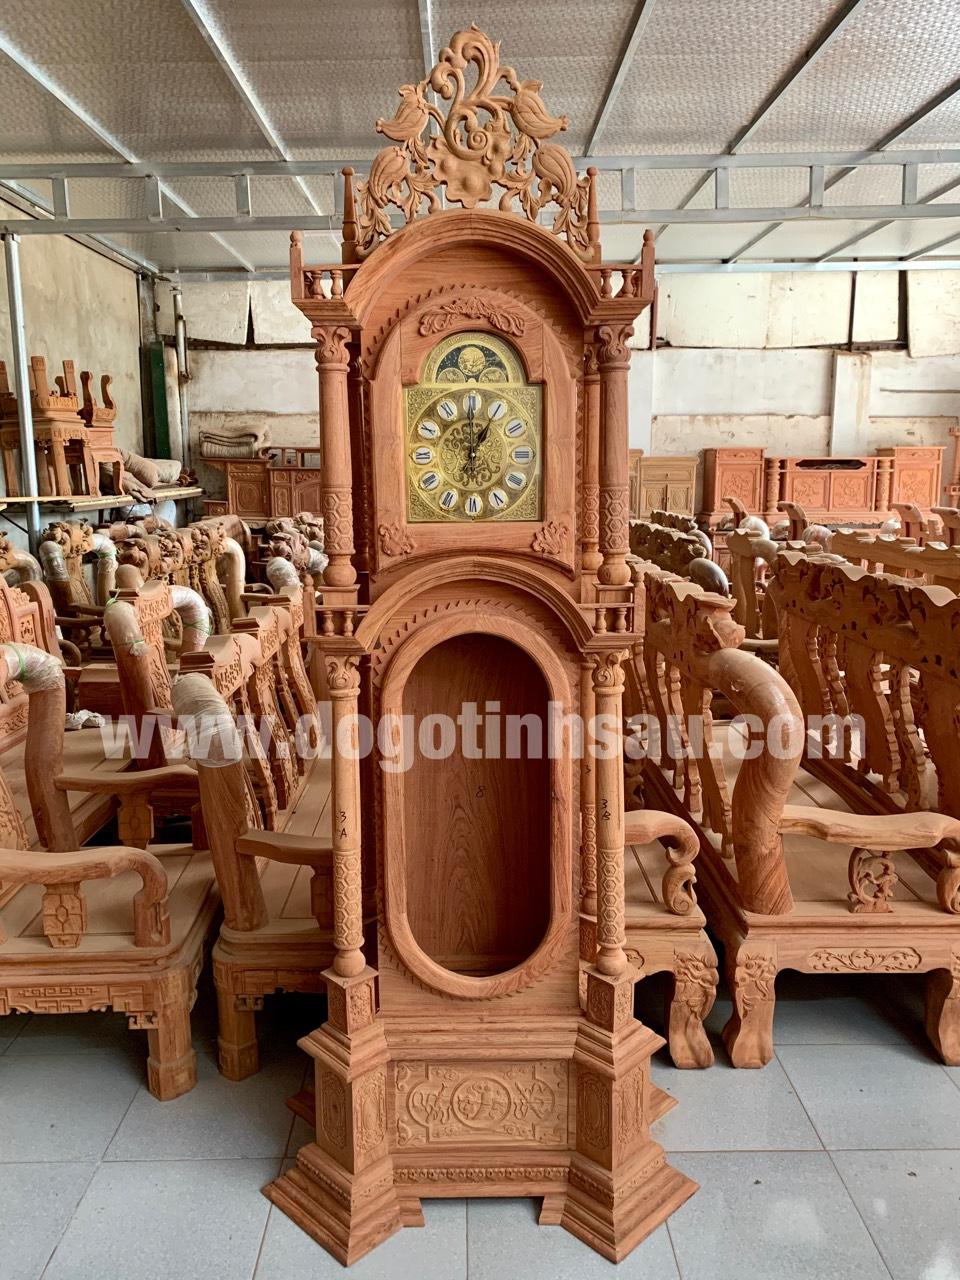 dong ho cay go huong da mau thap tu tru 1 - Đồng hồ cây gỗ hương đá mang lại sự thịnh vượng cho ngôi nhà của bạn